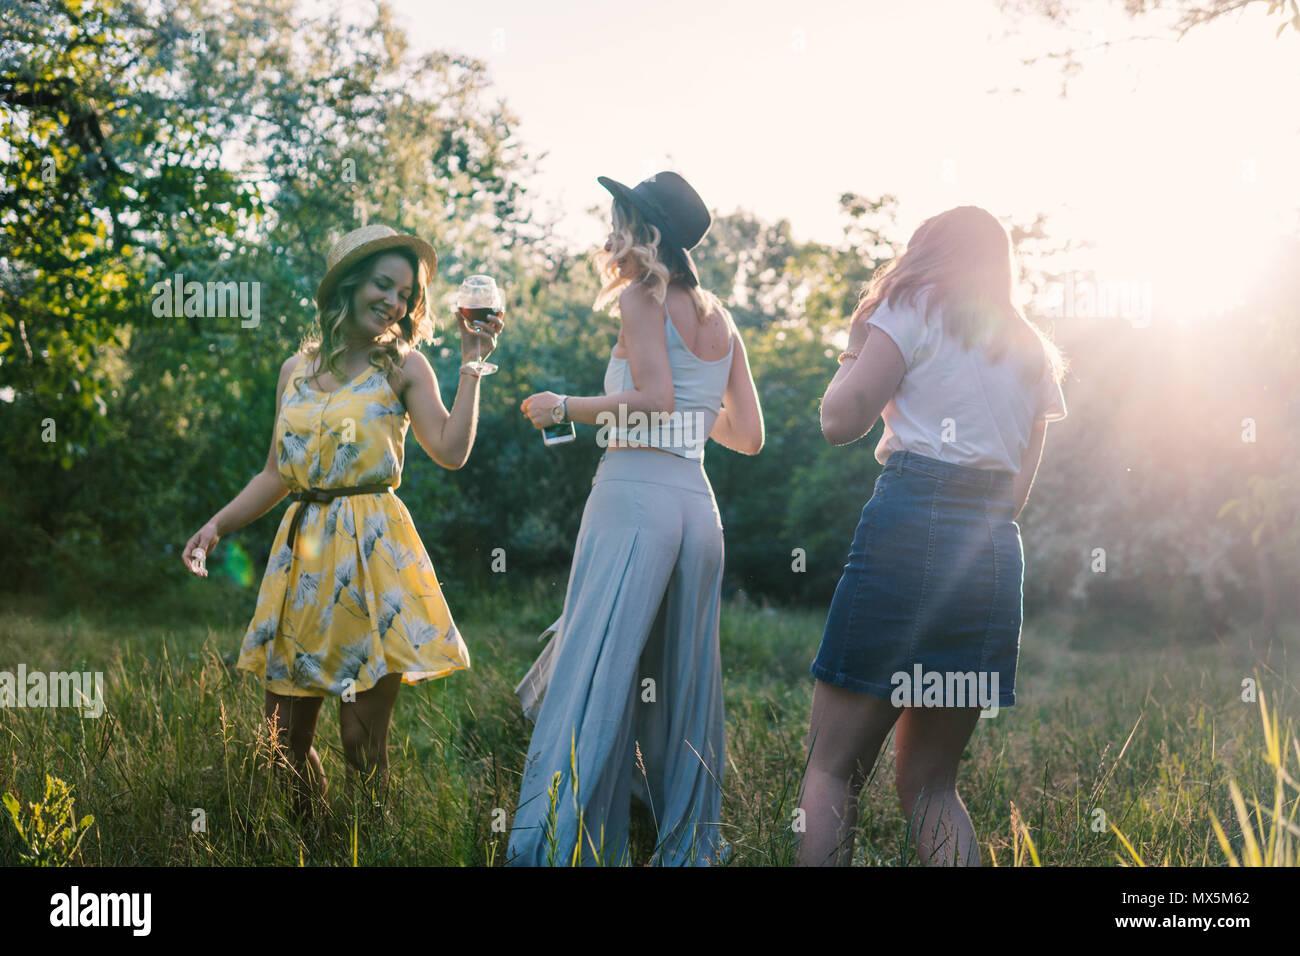 Grupo de chicas amigos haciendo un picnic al aire libre. Ellos se divierten Imagen De Stock